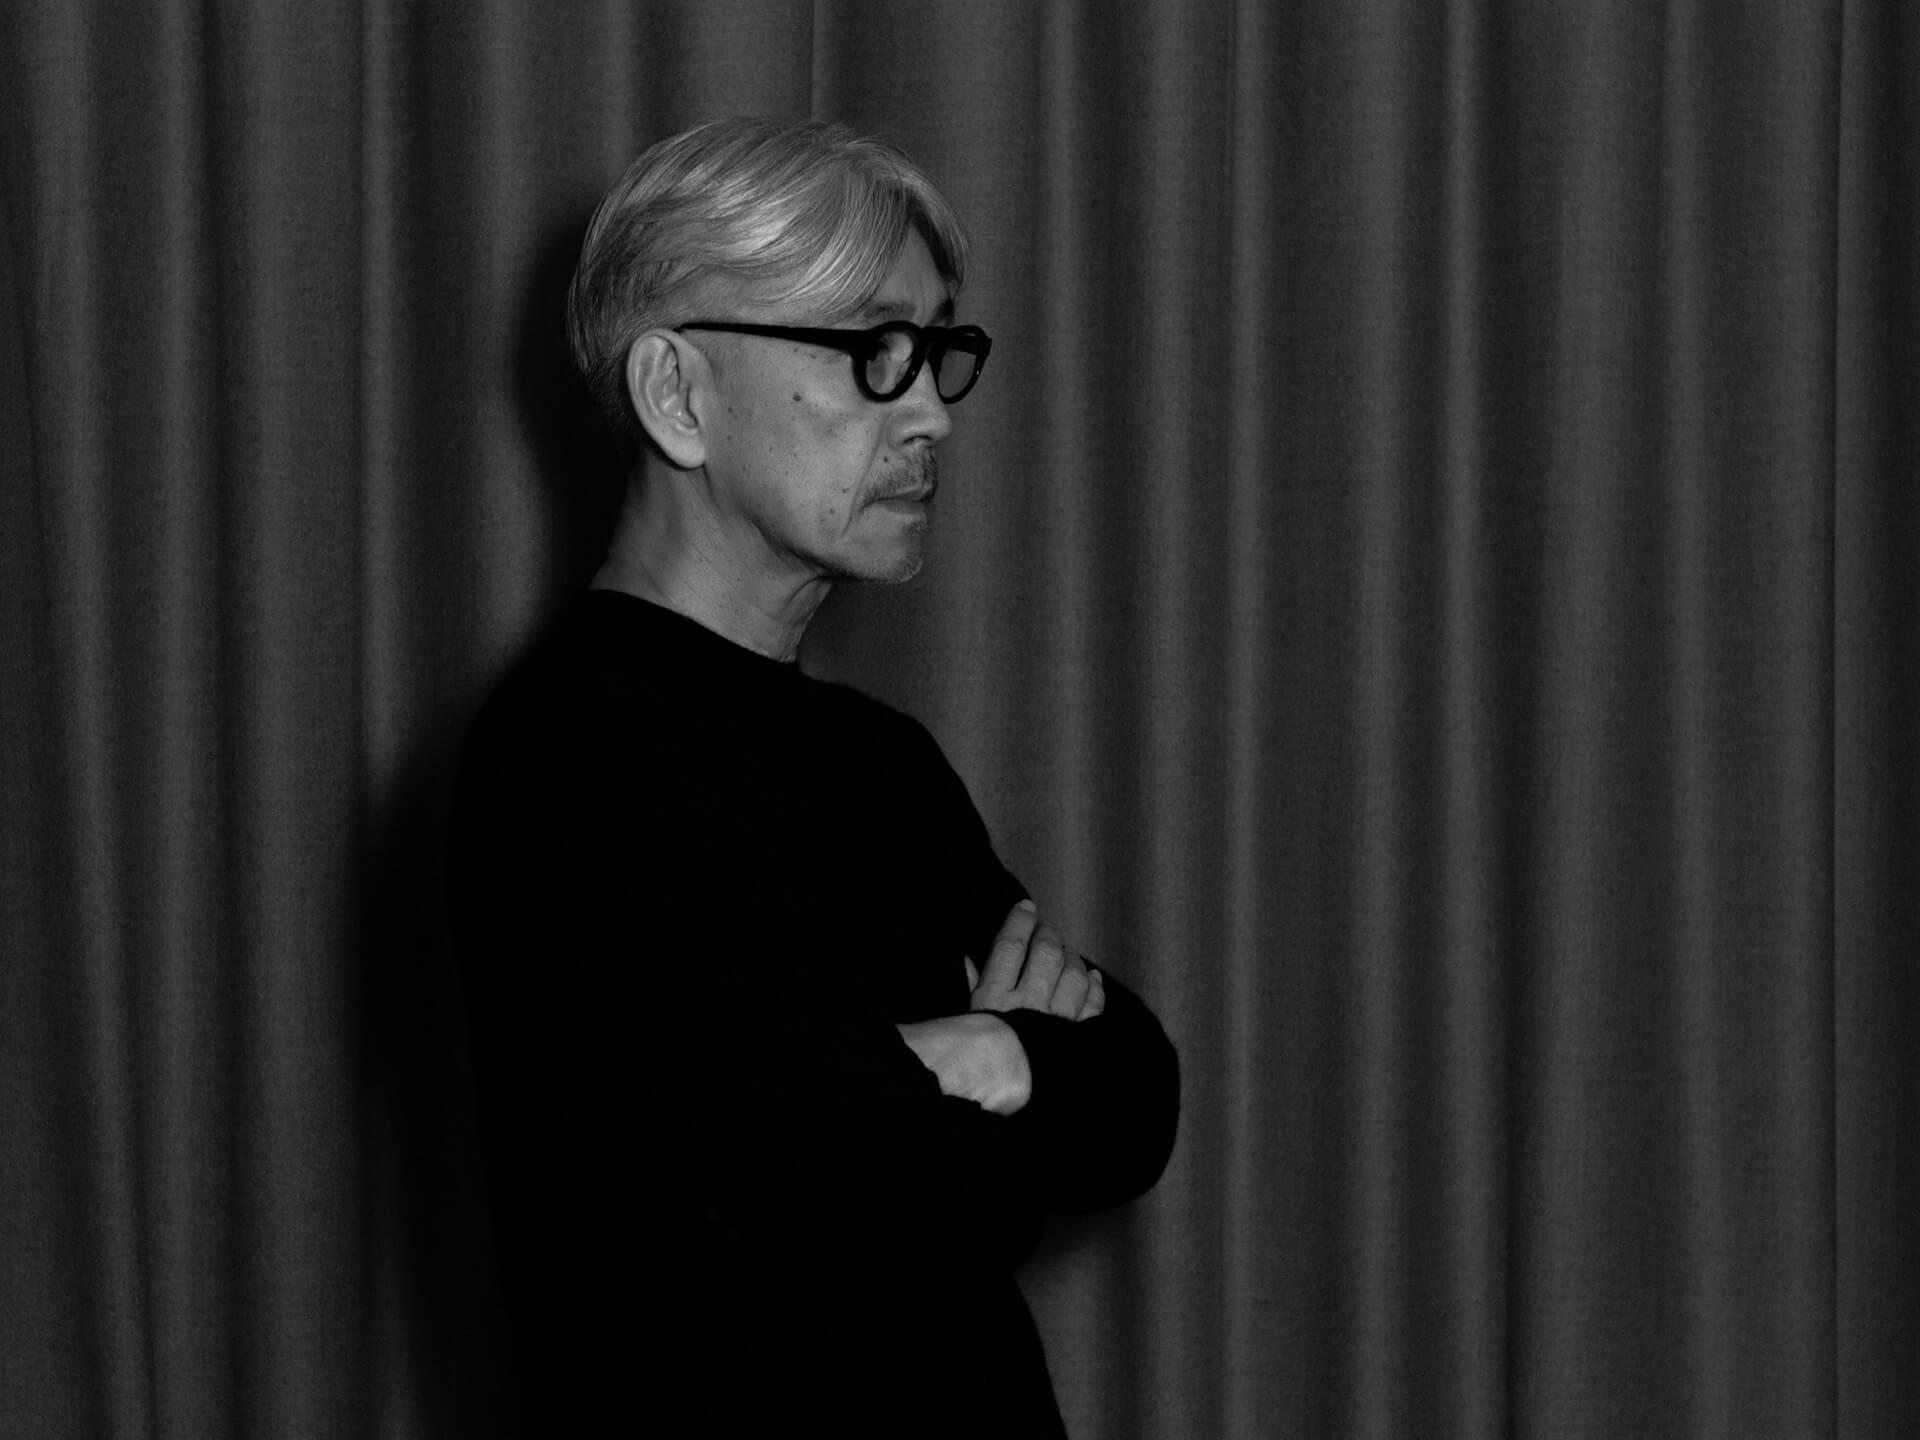 坂本龍一が2019年に制作した音楽の総集アナログ盤『Ryuichi Sakamoto 2019』が限定200点で発売決定 music200221_sakamotoryuichi_1